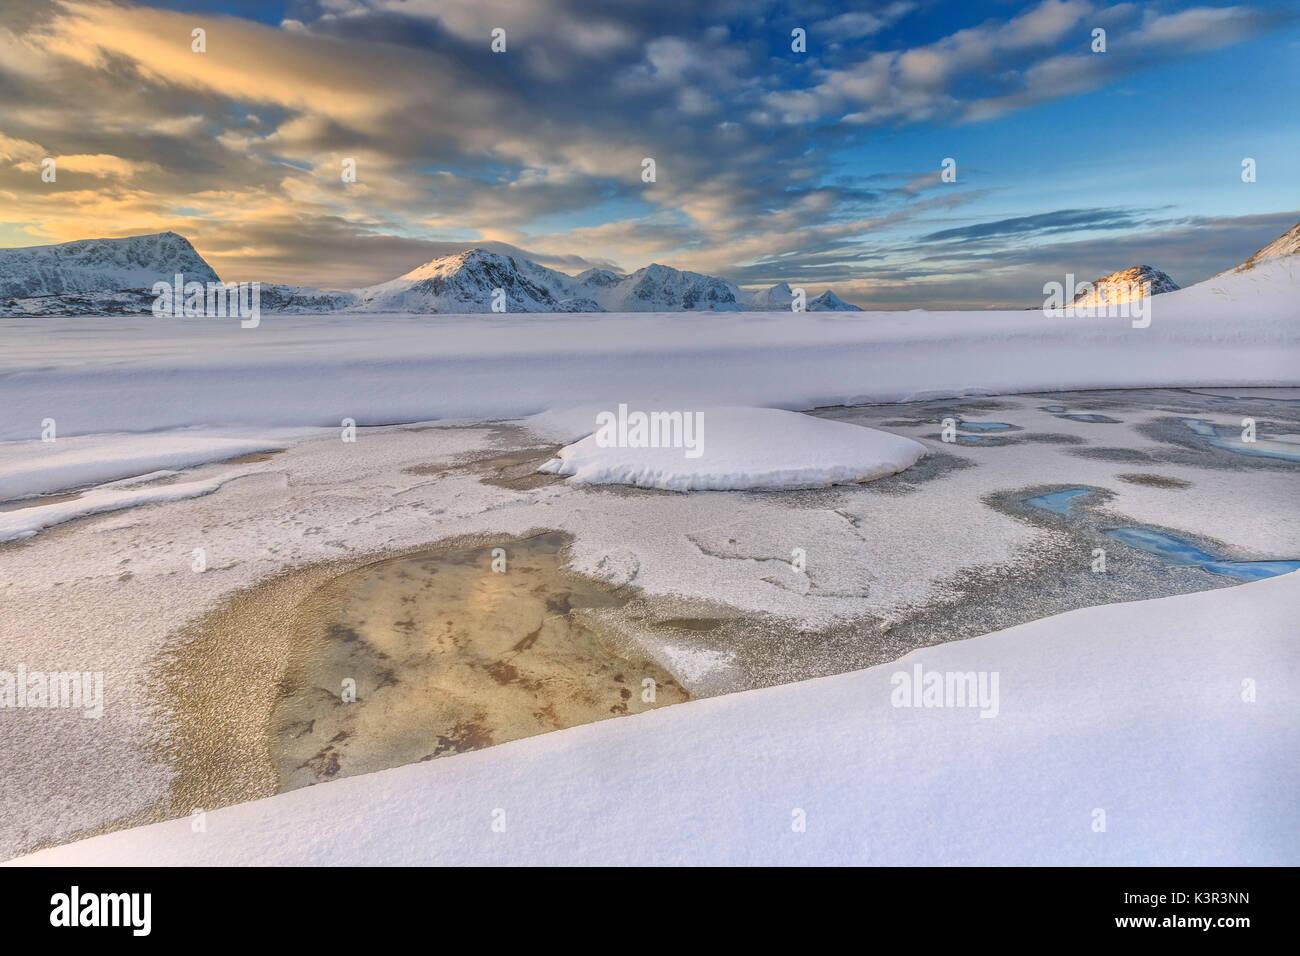 El amanecer dorado se refleja en una piscina de aguas cristalinas donde la nieve es casi derretido. Las Islas Lofoten Noruega Europa Haukland Foto de stock